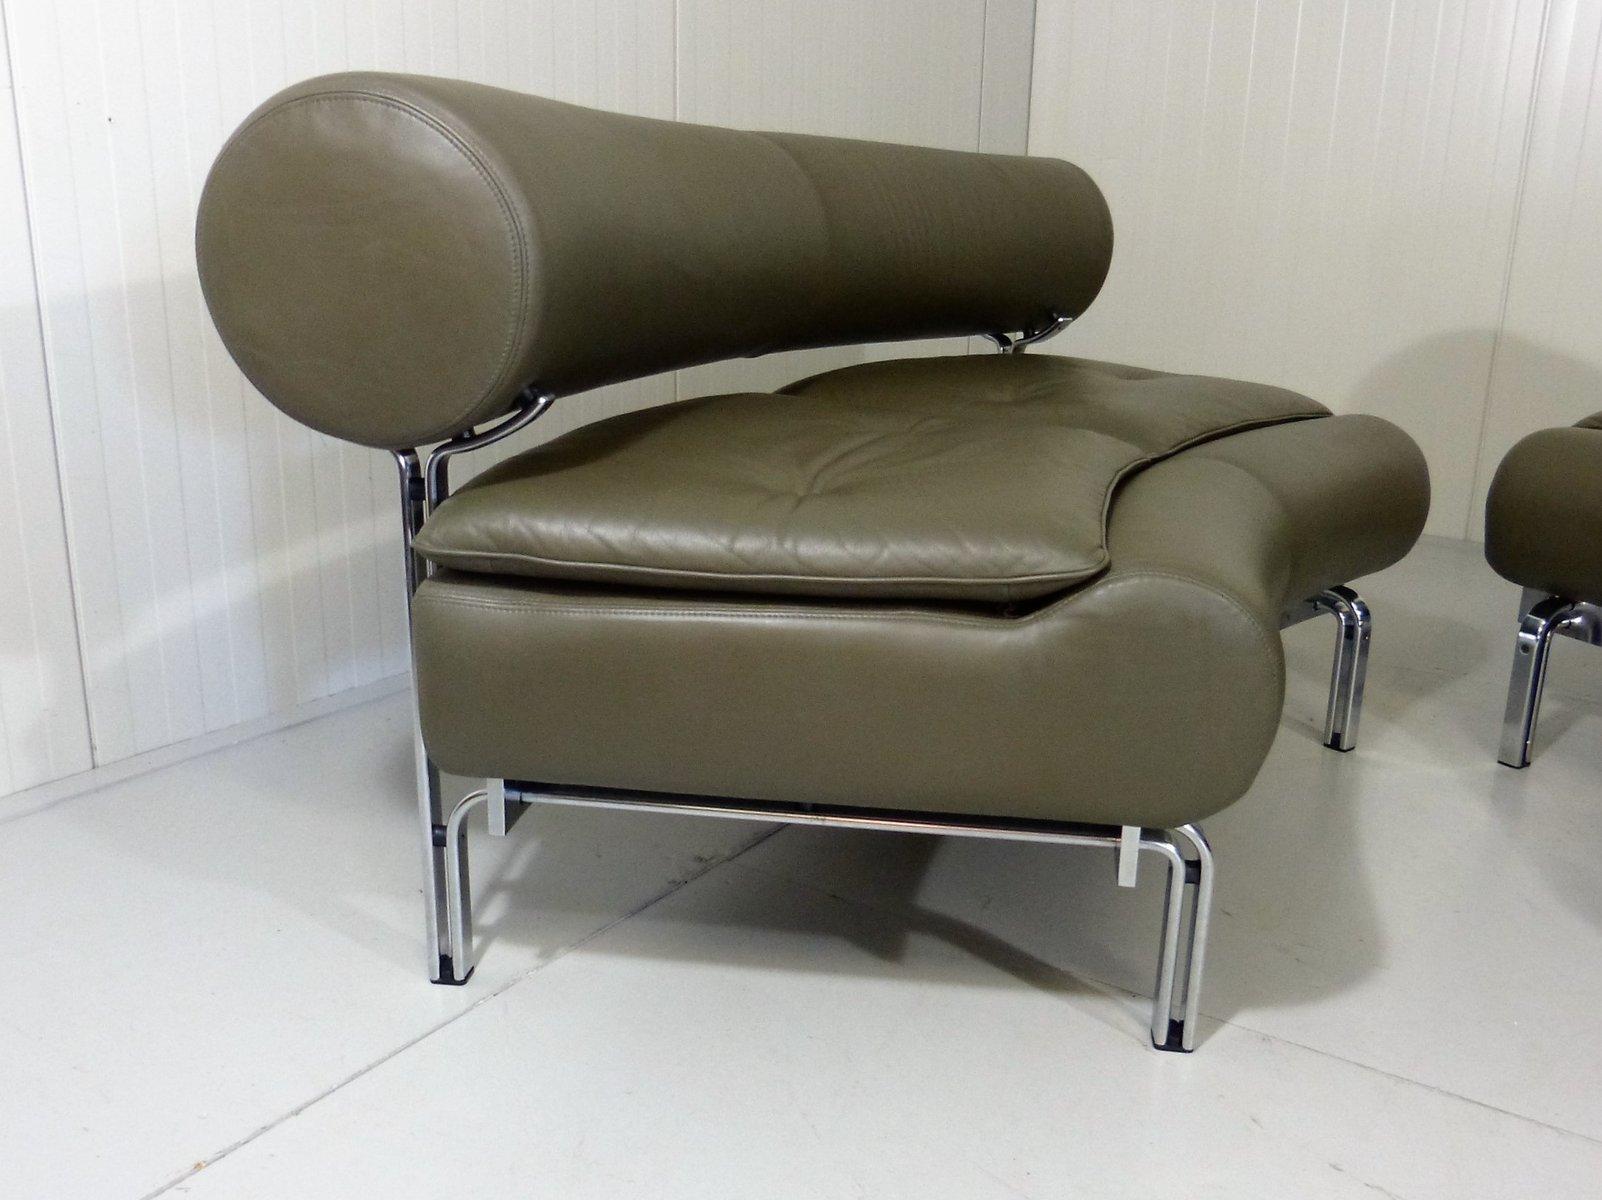 zwei sitzer sofas von horst br ning sofas f r kill international 1960er 2er set bei pamono kaufen. Black Bedroom Furniture Sets. Home Design Ideas